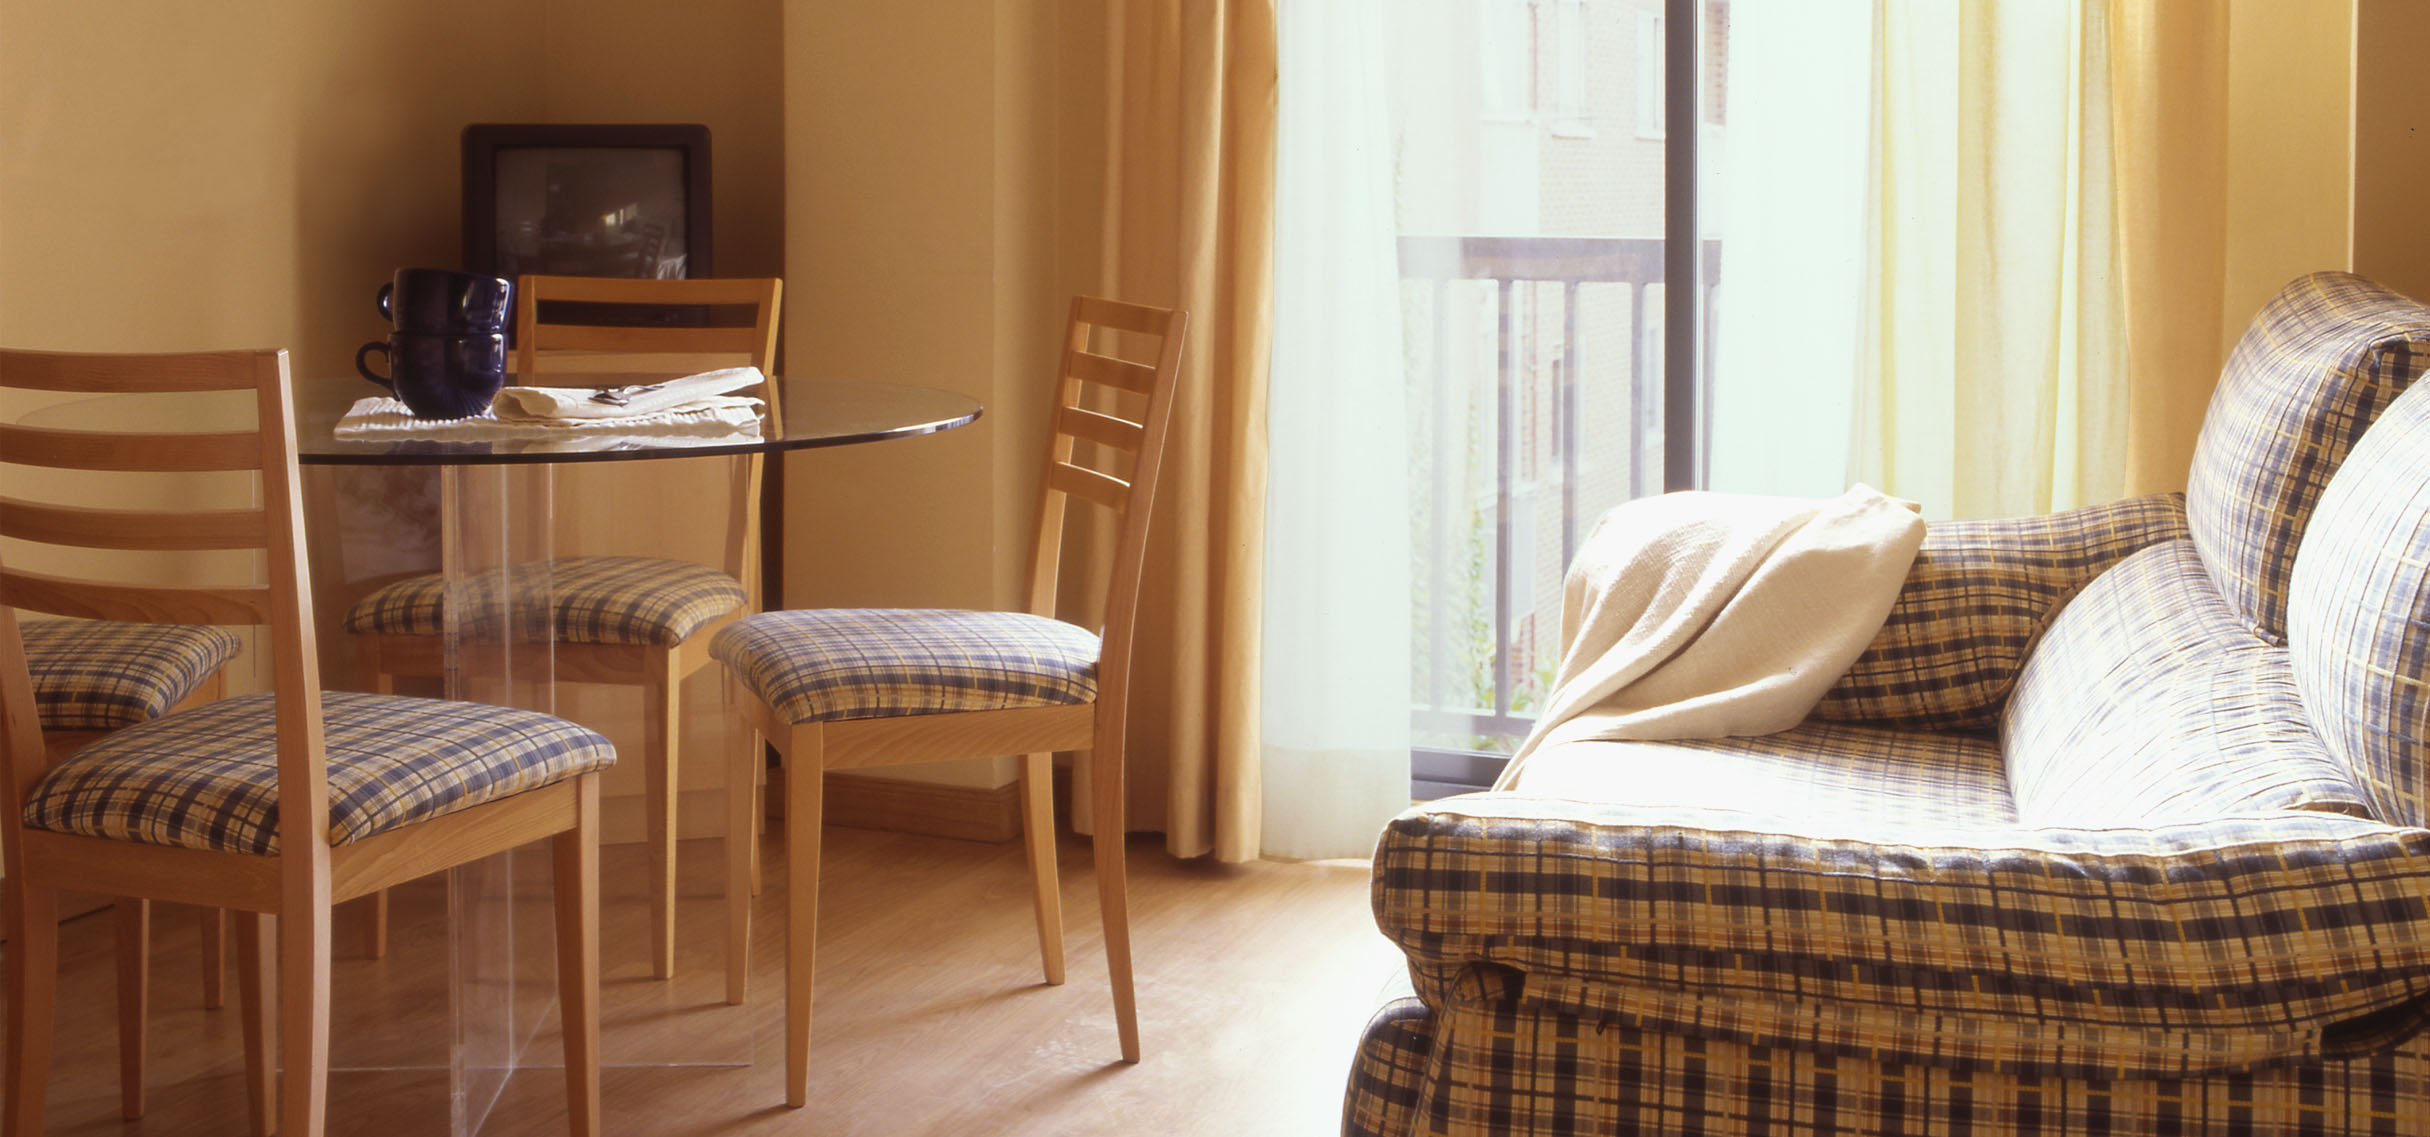 Alquiler apartamentos amueblados en madrid por meses otamendi tetu n - Alquiler por meses madrid ...